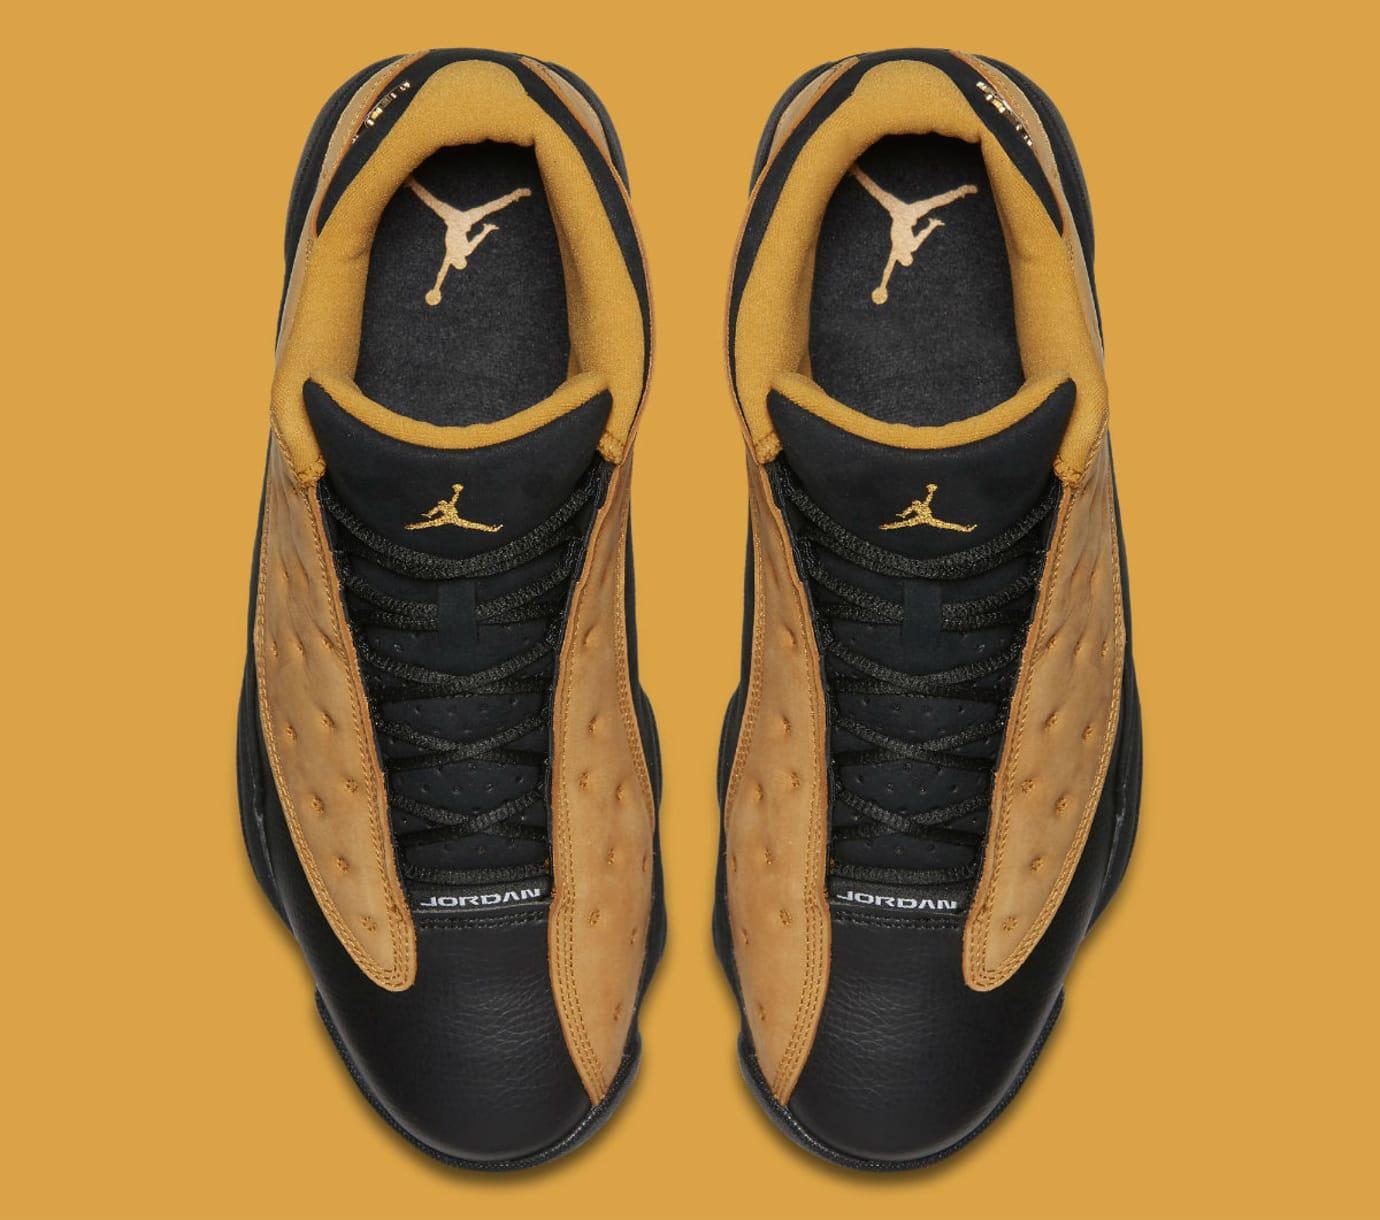 Air Jordan 13 Low Chutney Release Date Top 310810-022